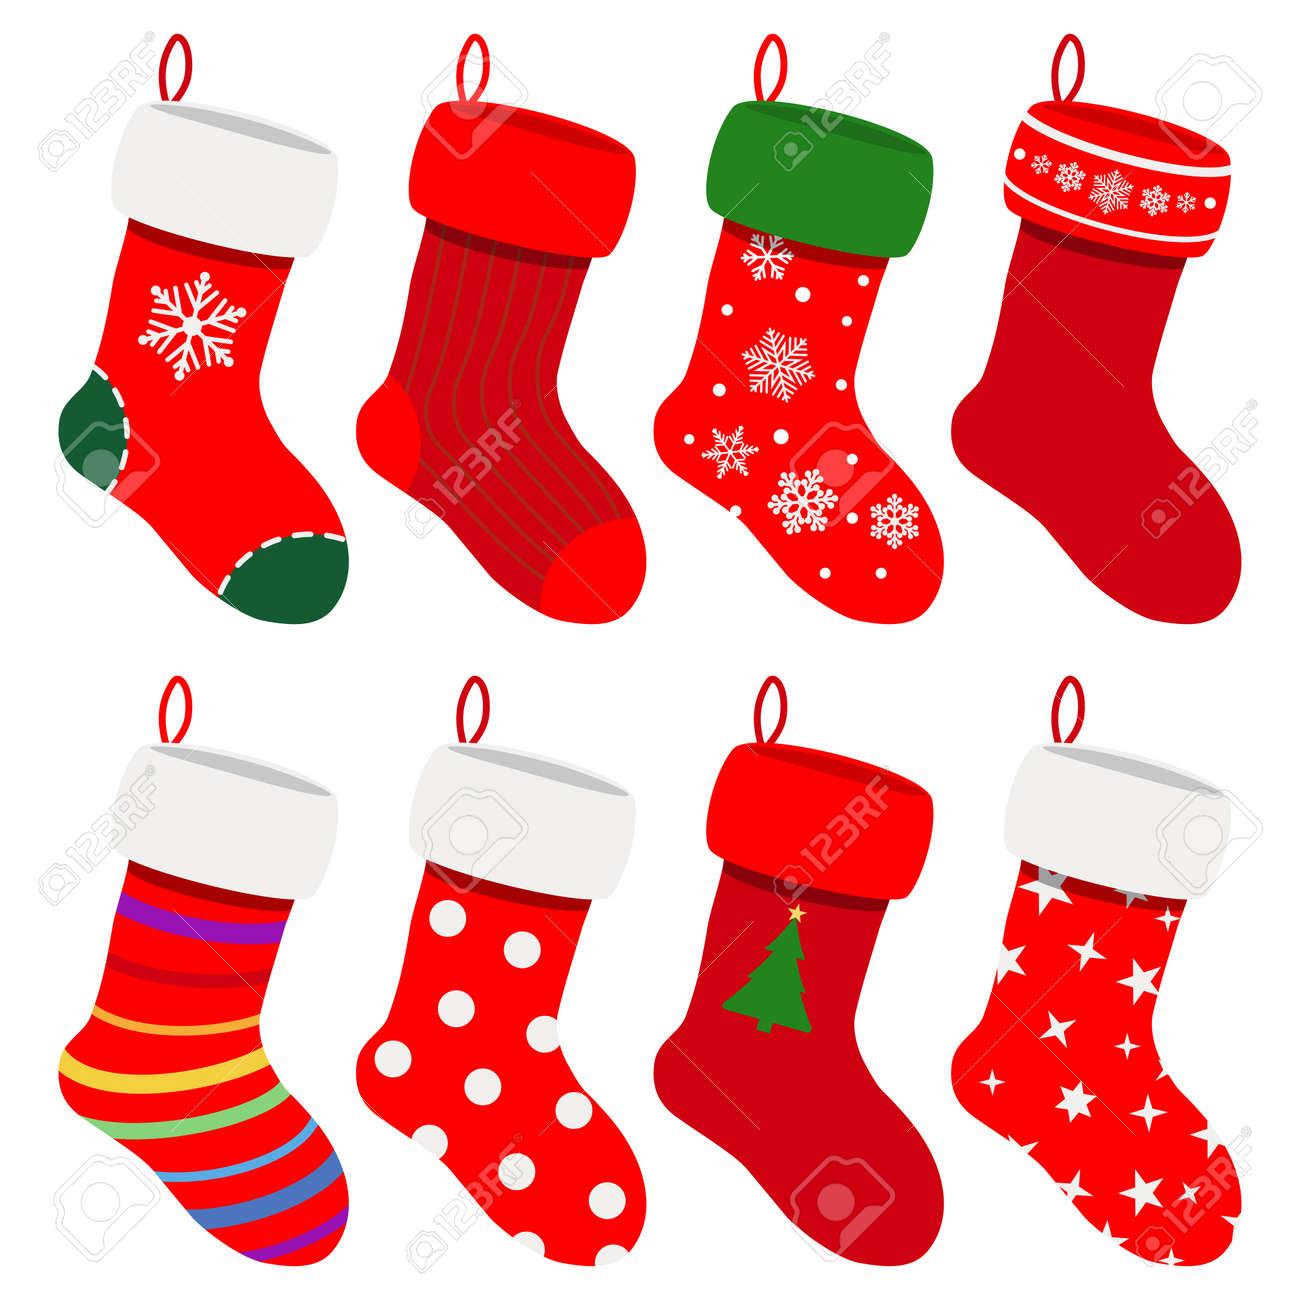 conjunto de calcetines de navidad en colores rojos con varios patrones foto de archivo